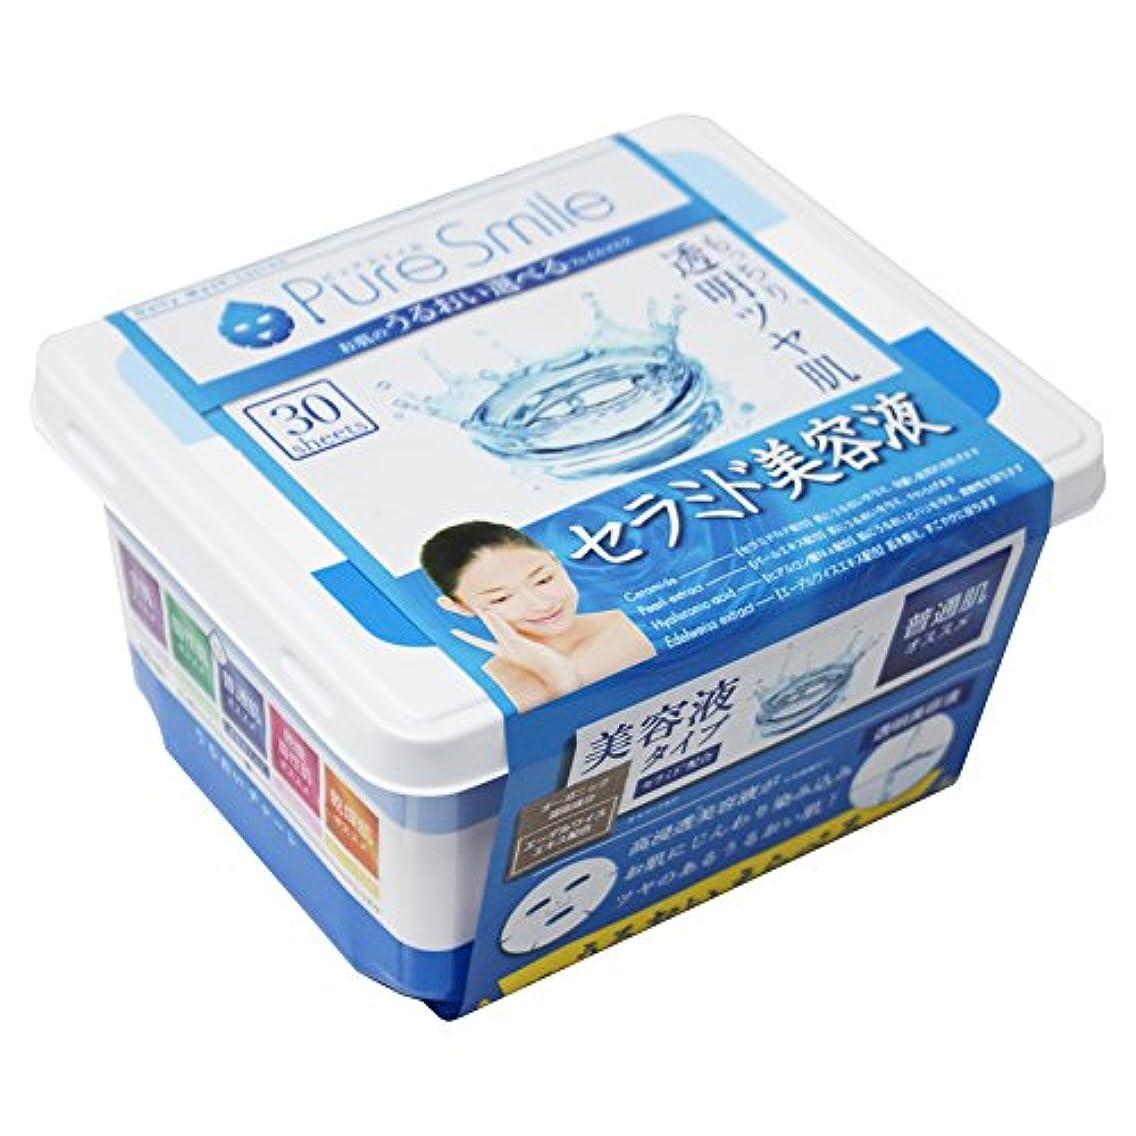 PureSmile(ピュアスマイル) フェイスパック エッセンスマスク 30枚セット セラミド美容液?3S03